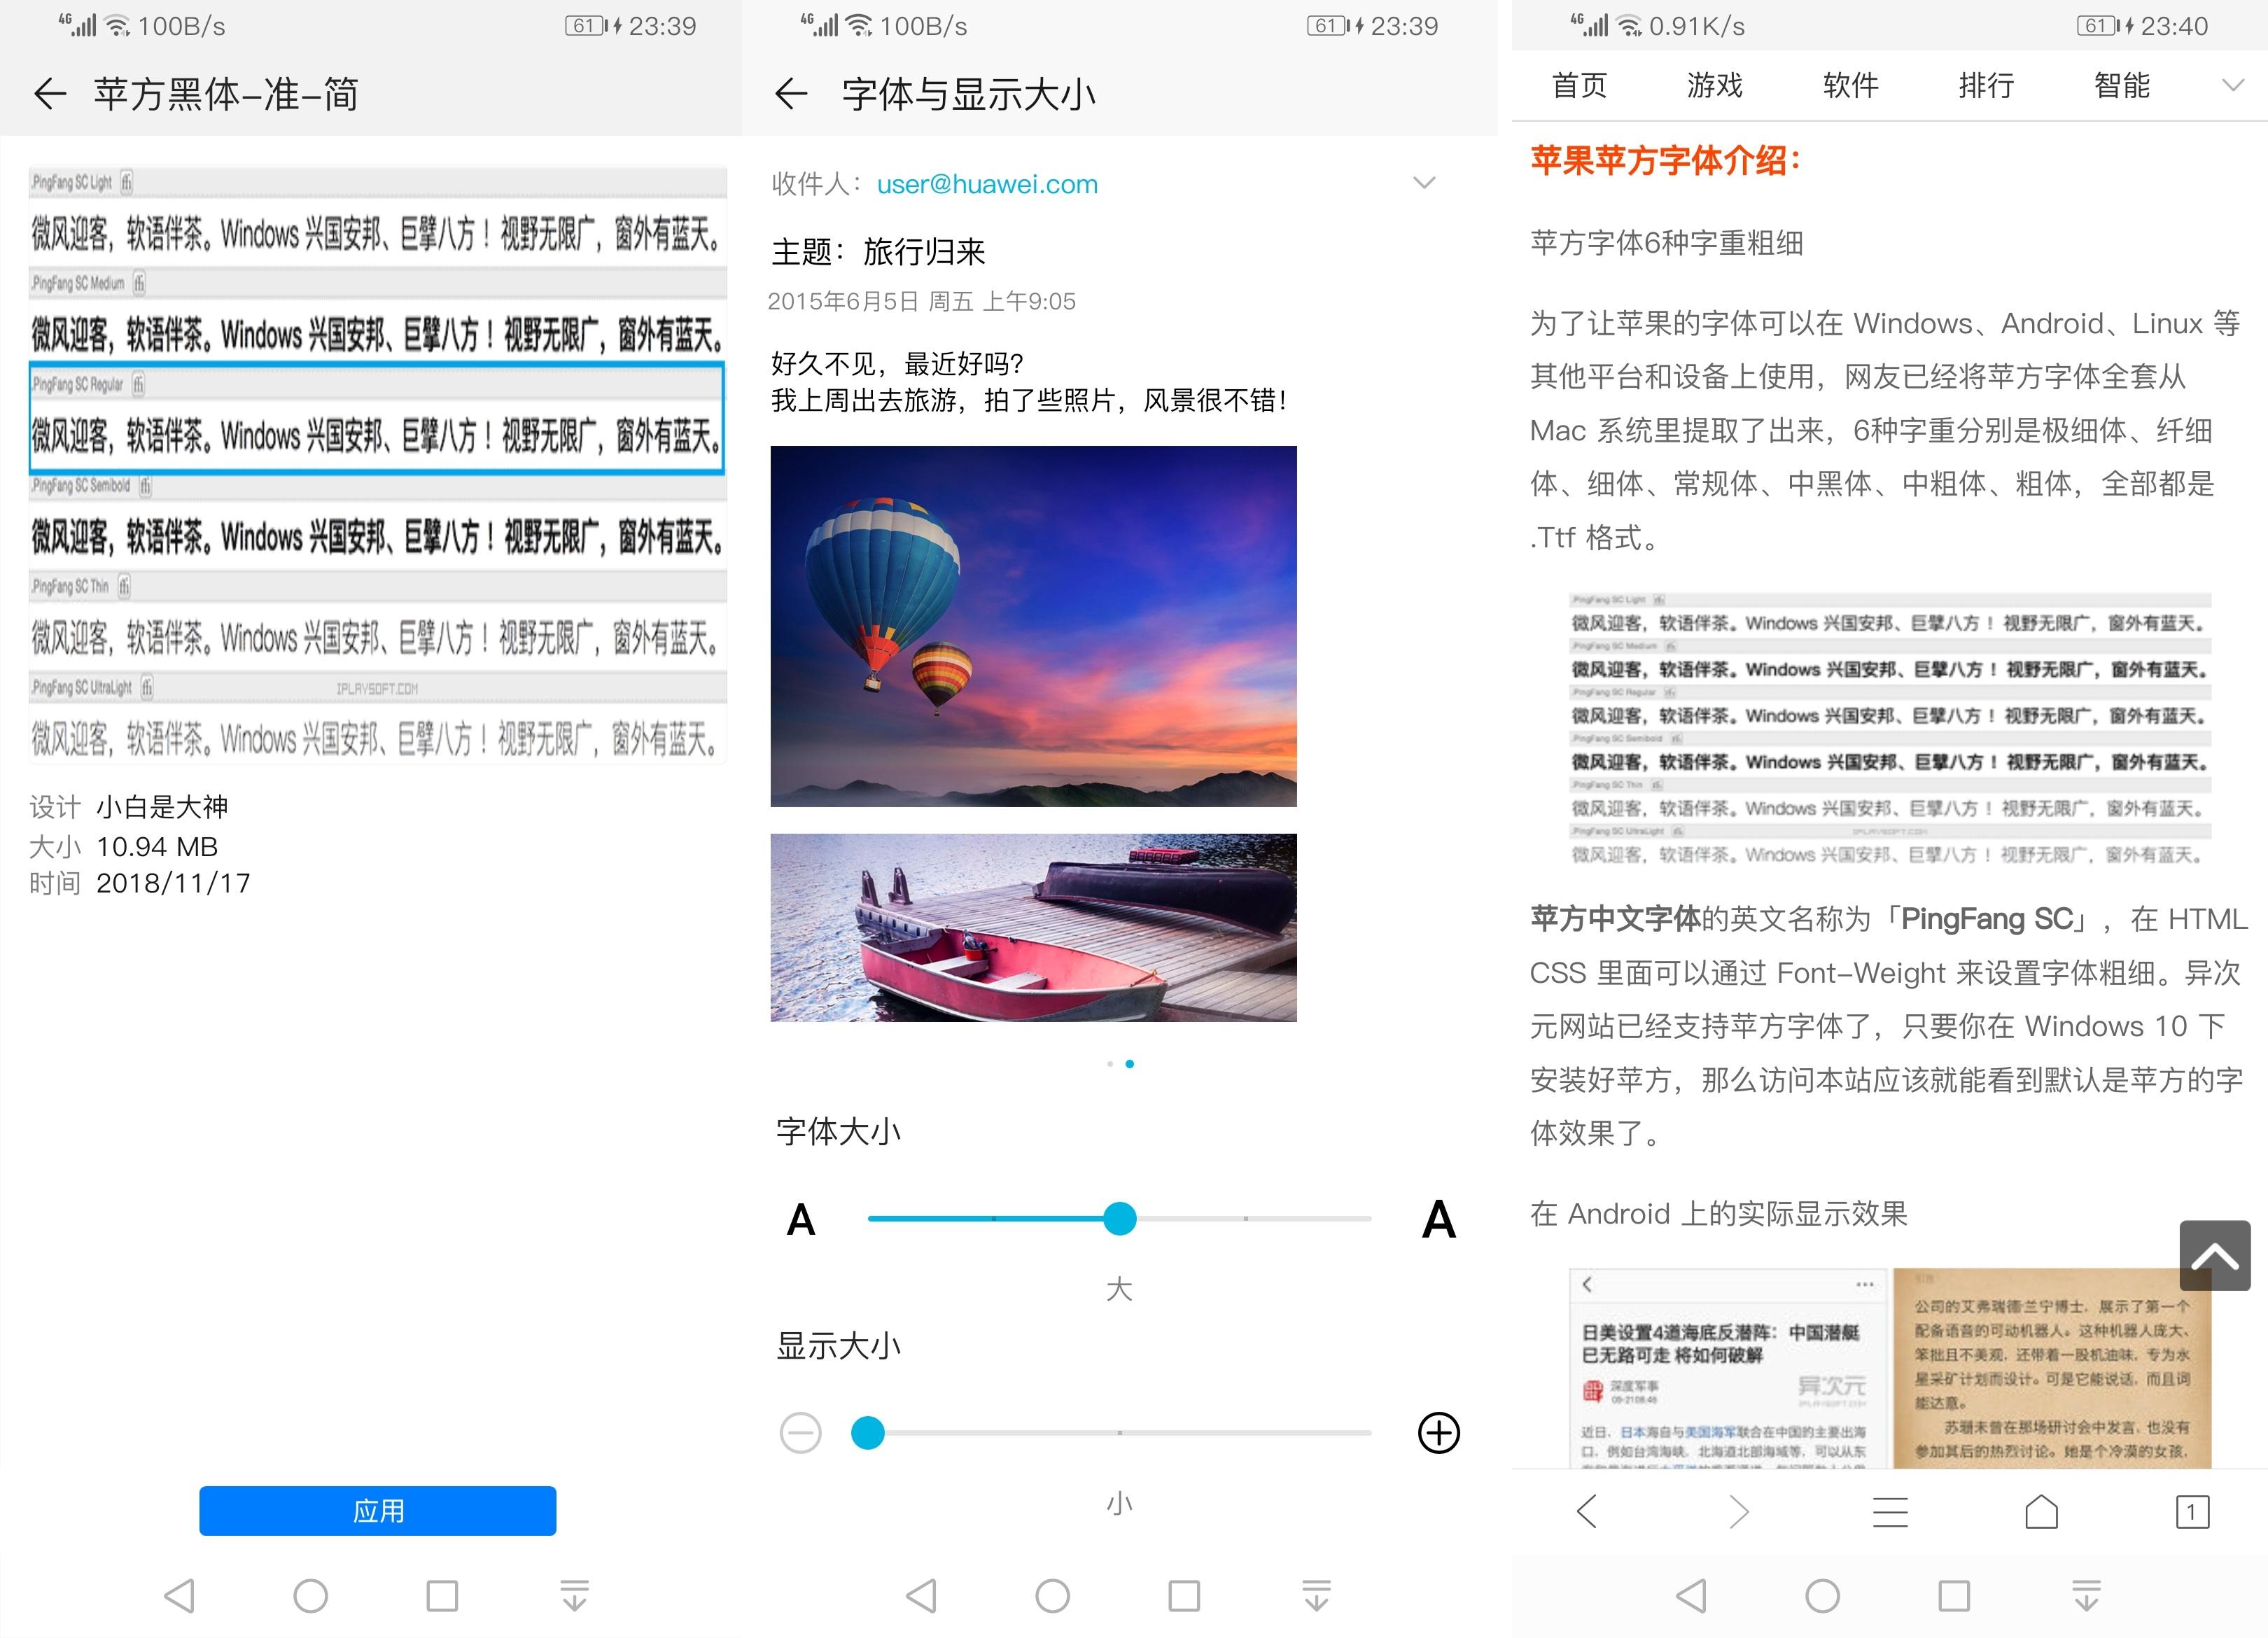 Screenshot_20181117_233922_com.huawei.android.the.jpg